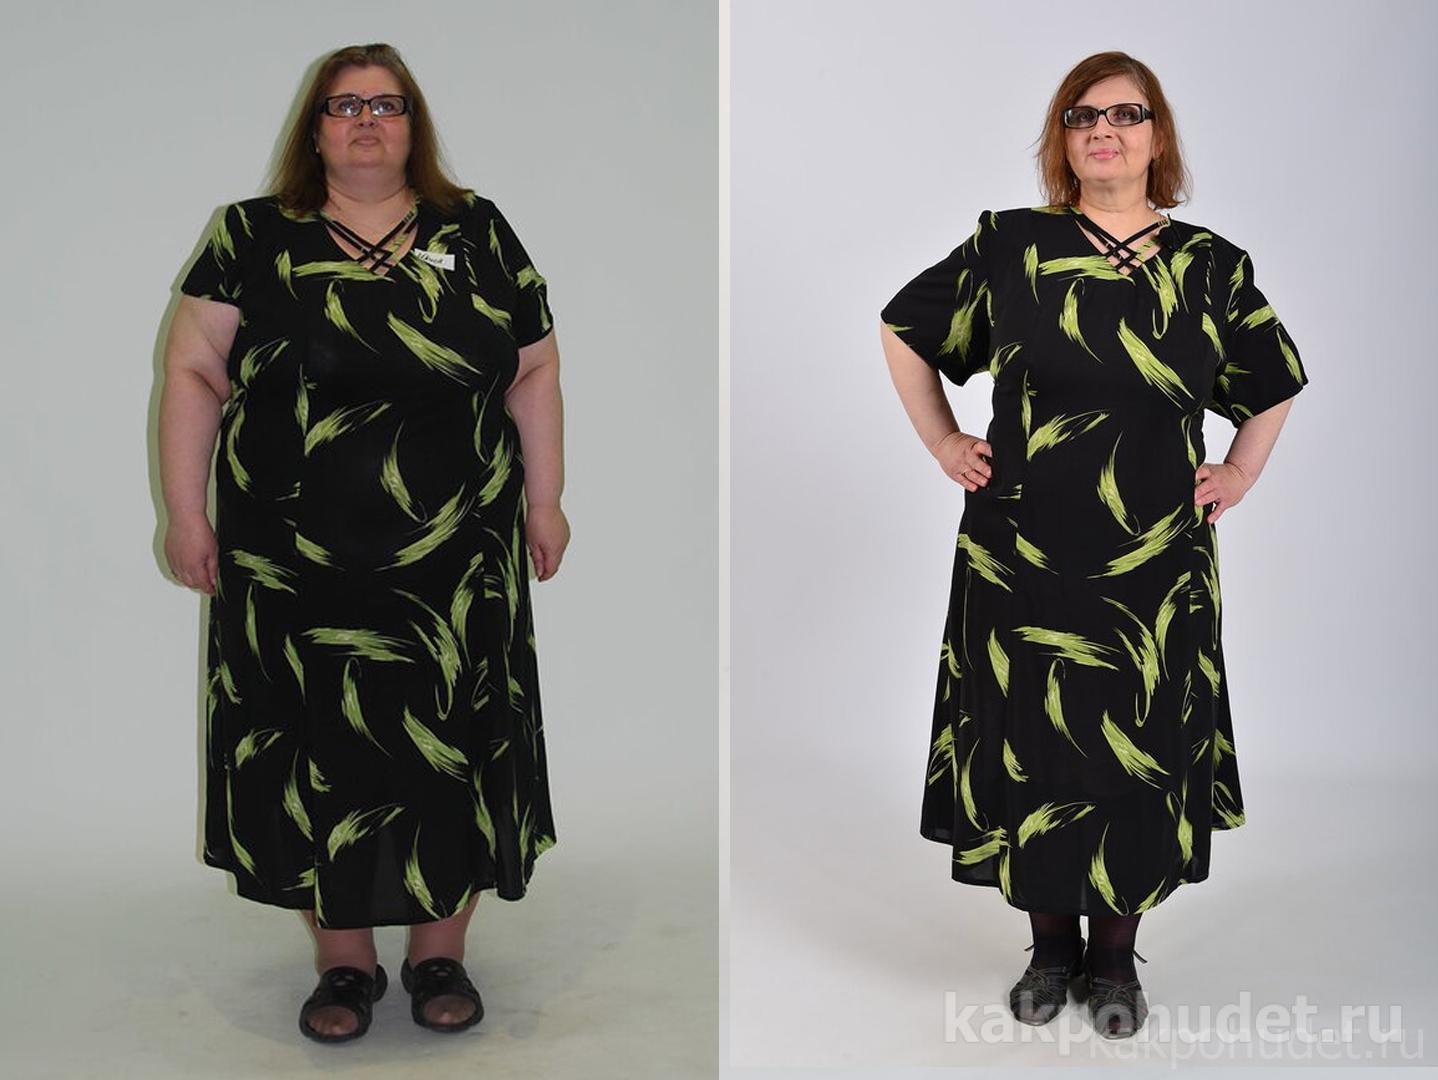 Истории похудения фотографиями